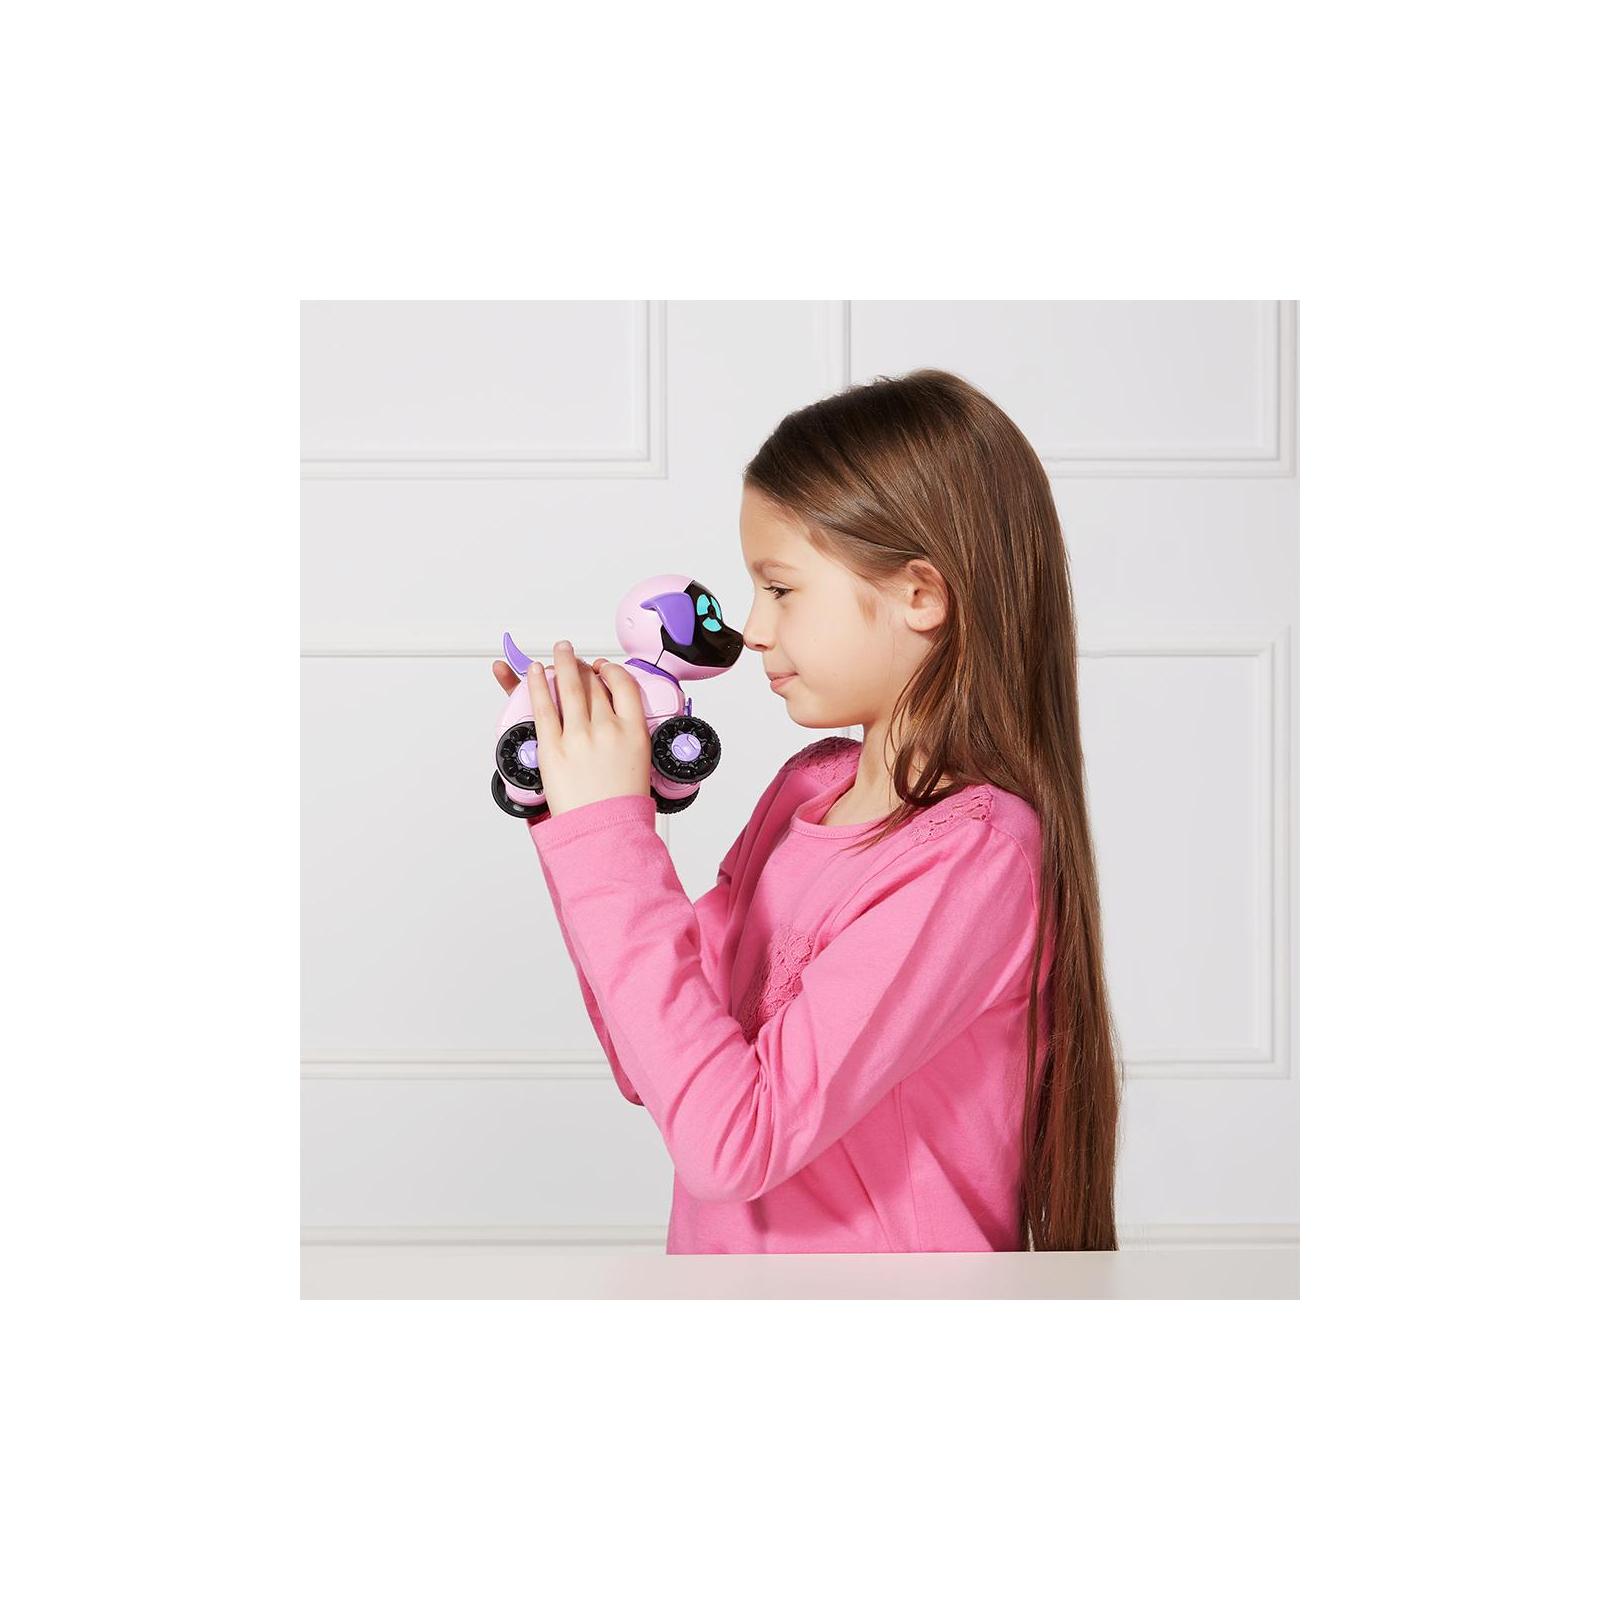 Интерактивная игрушка WowWee Маленький щенок Чип розовый (W2804/3817) изображение 6